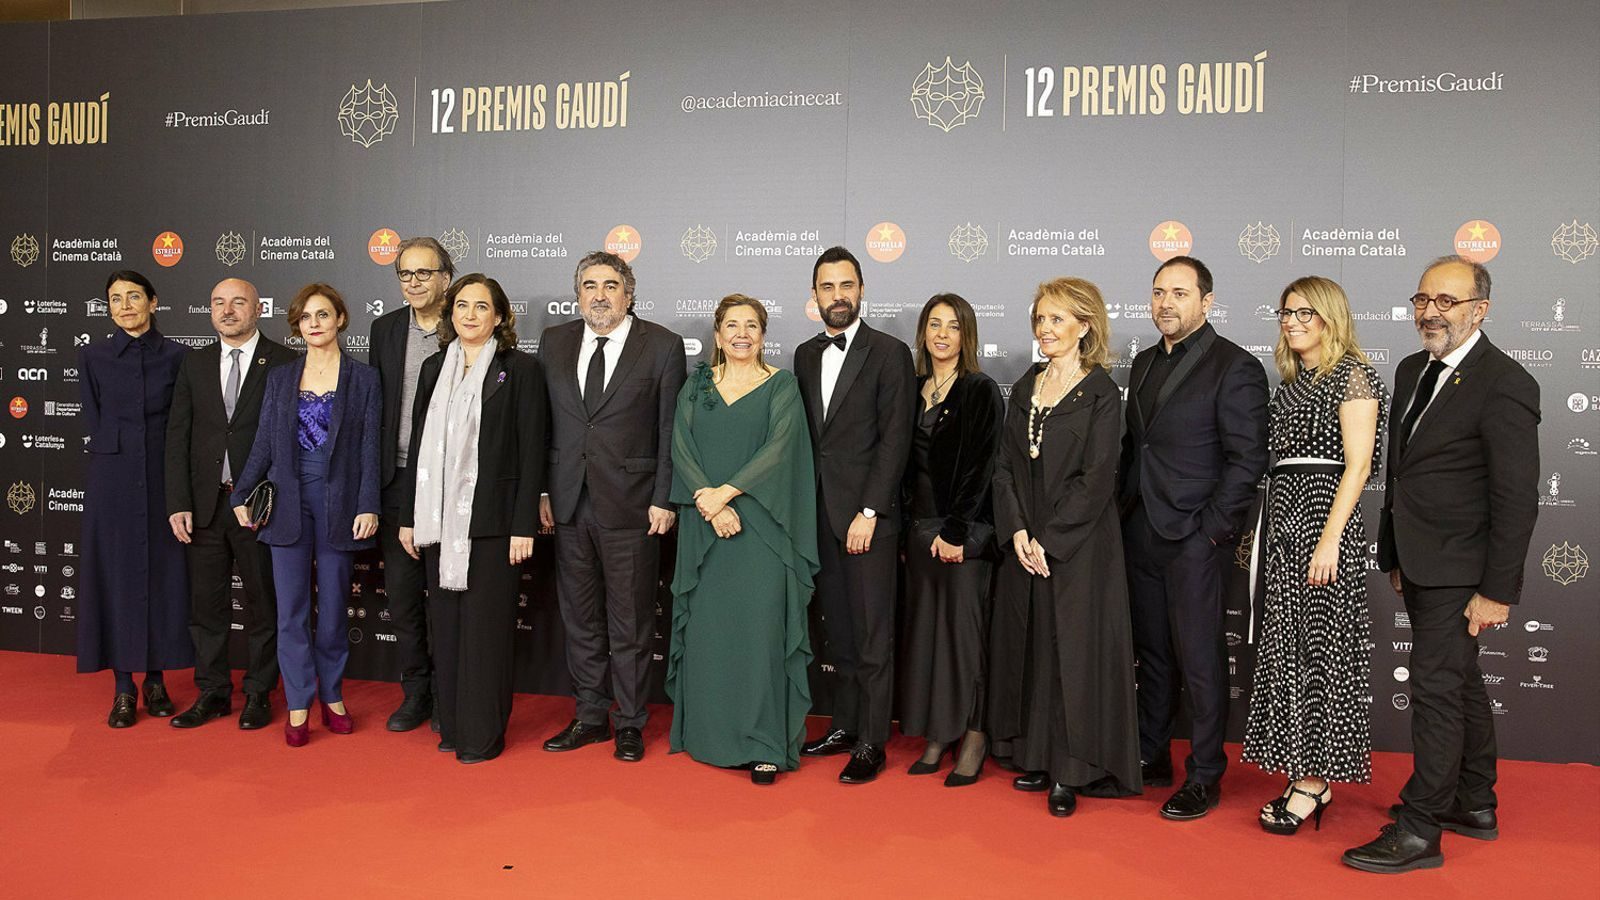 Isona Passola amb la classe política: a la seva dreta, Rodríguez Uribes i Colau; a l'esquerra, Torrent, Budó i Vilallonga.